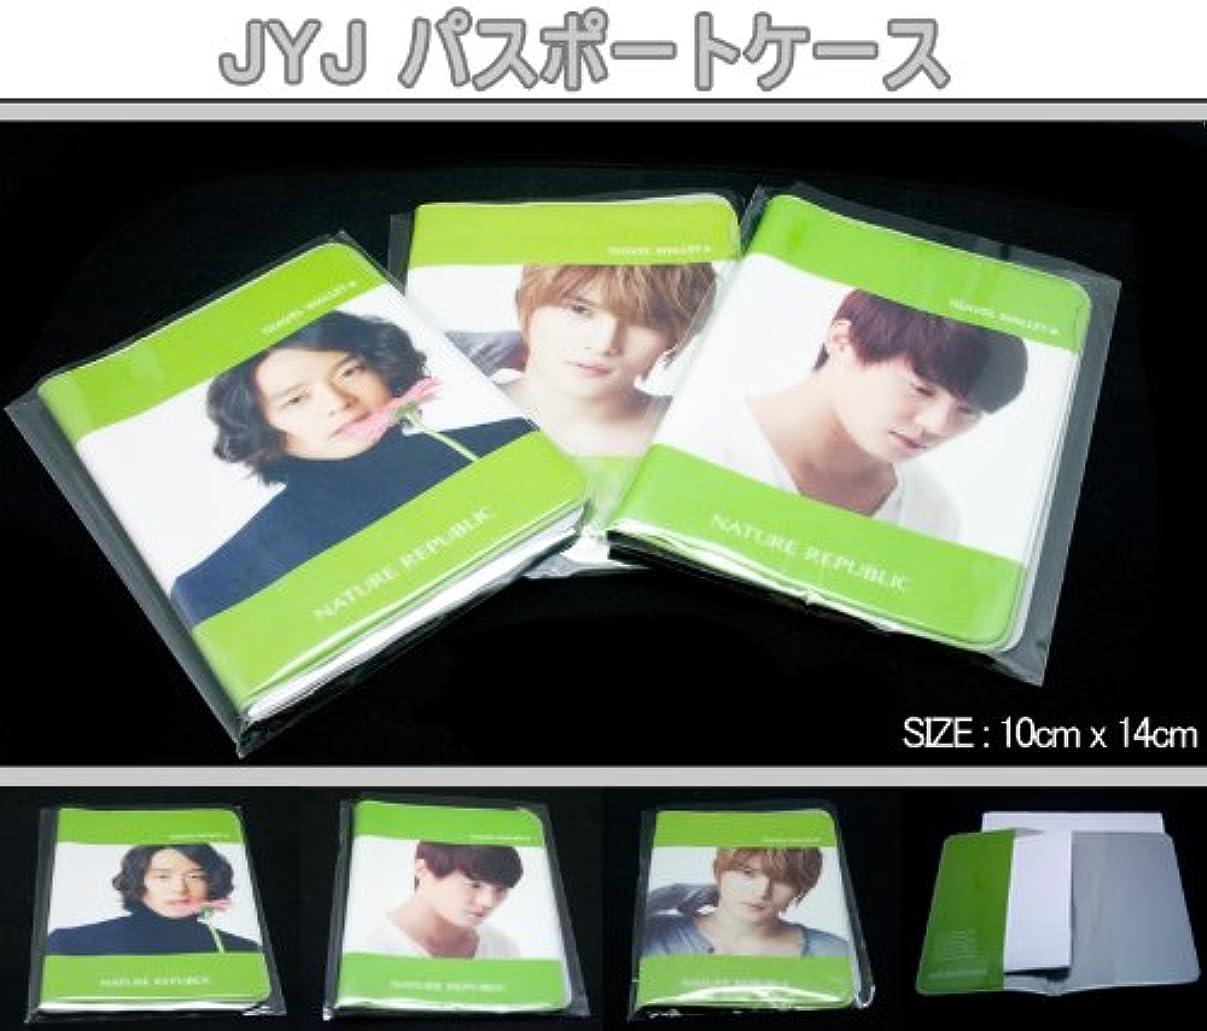 自動車ユーモア満州限定/韓流 NATURE REPUBLIC JYJ 3種セットEMS配送 JYJ パスポートケース3タイプ+JYJ多用途バック+JYJ POSTCARD